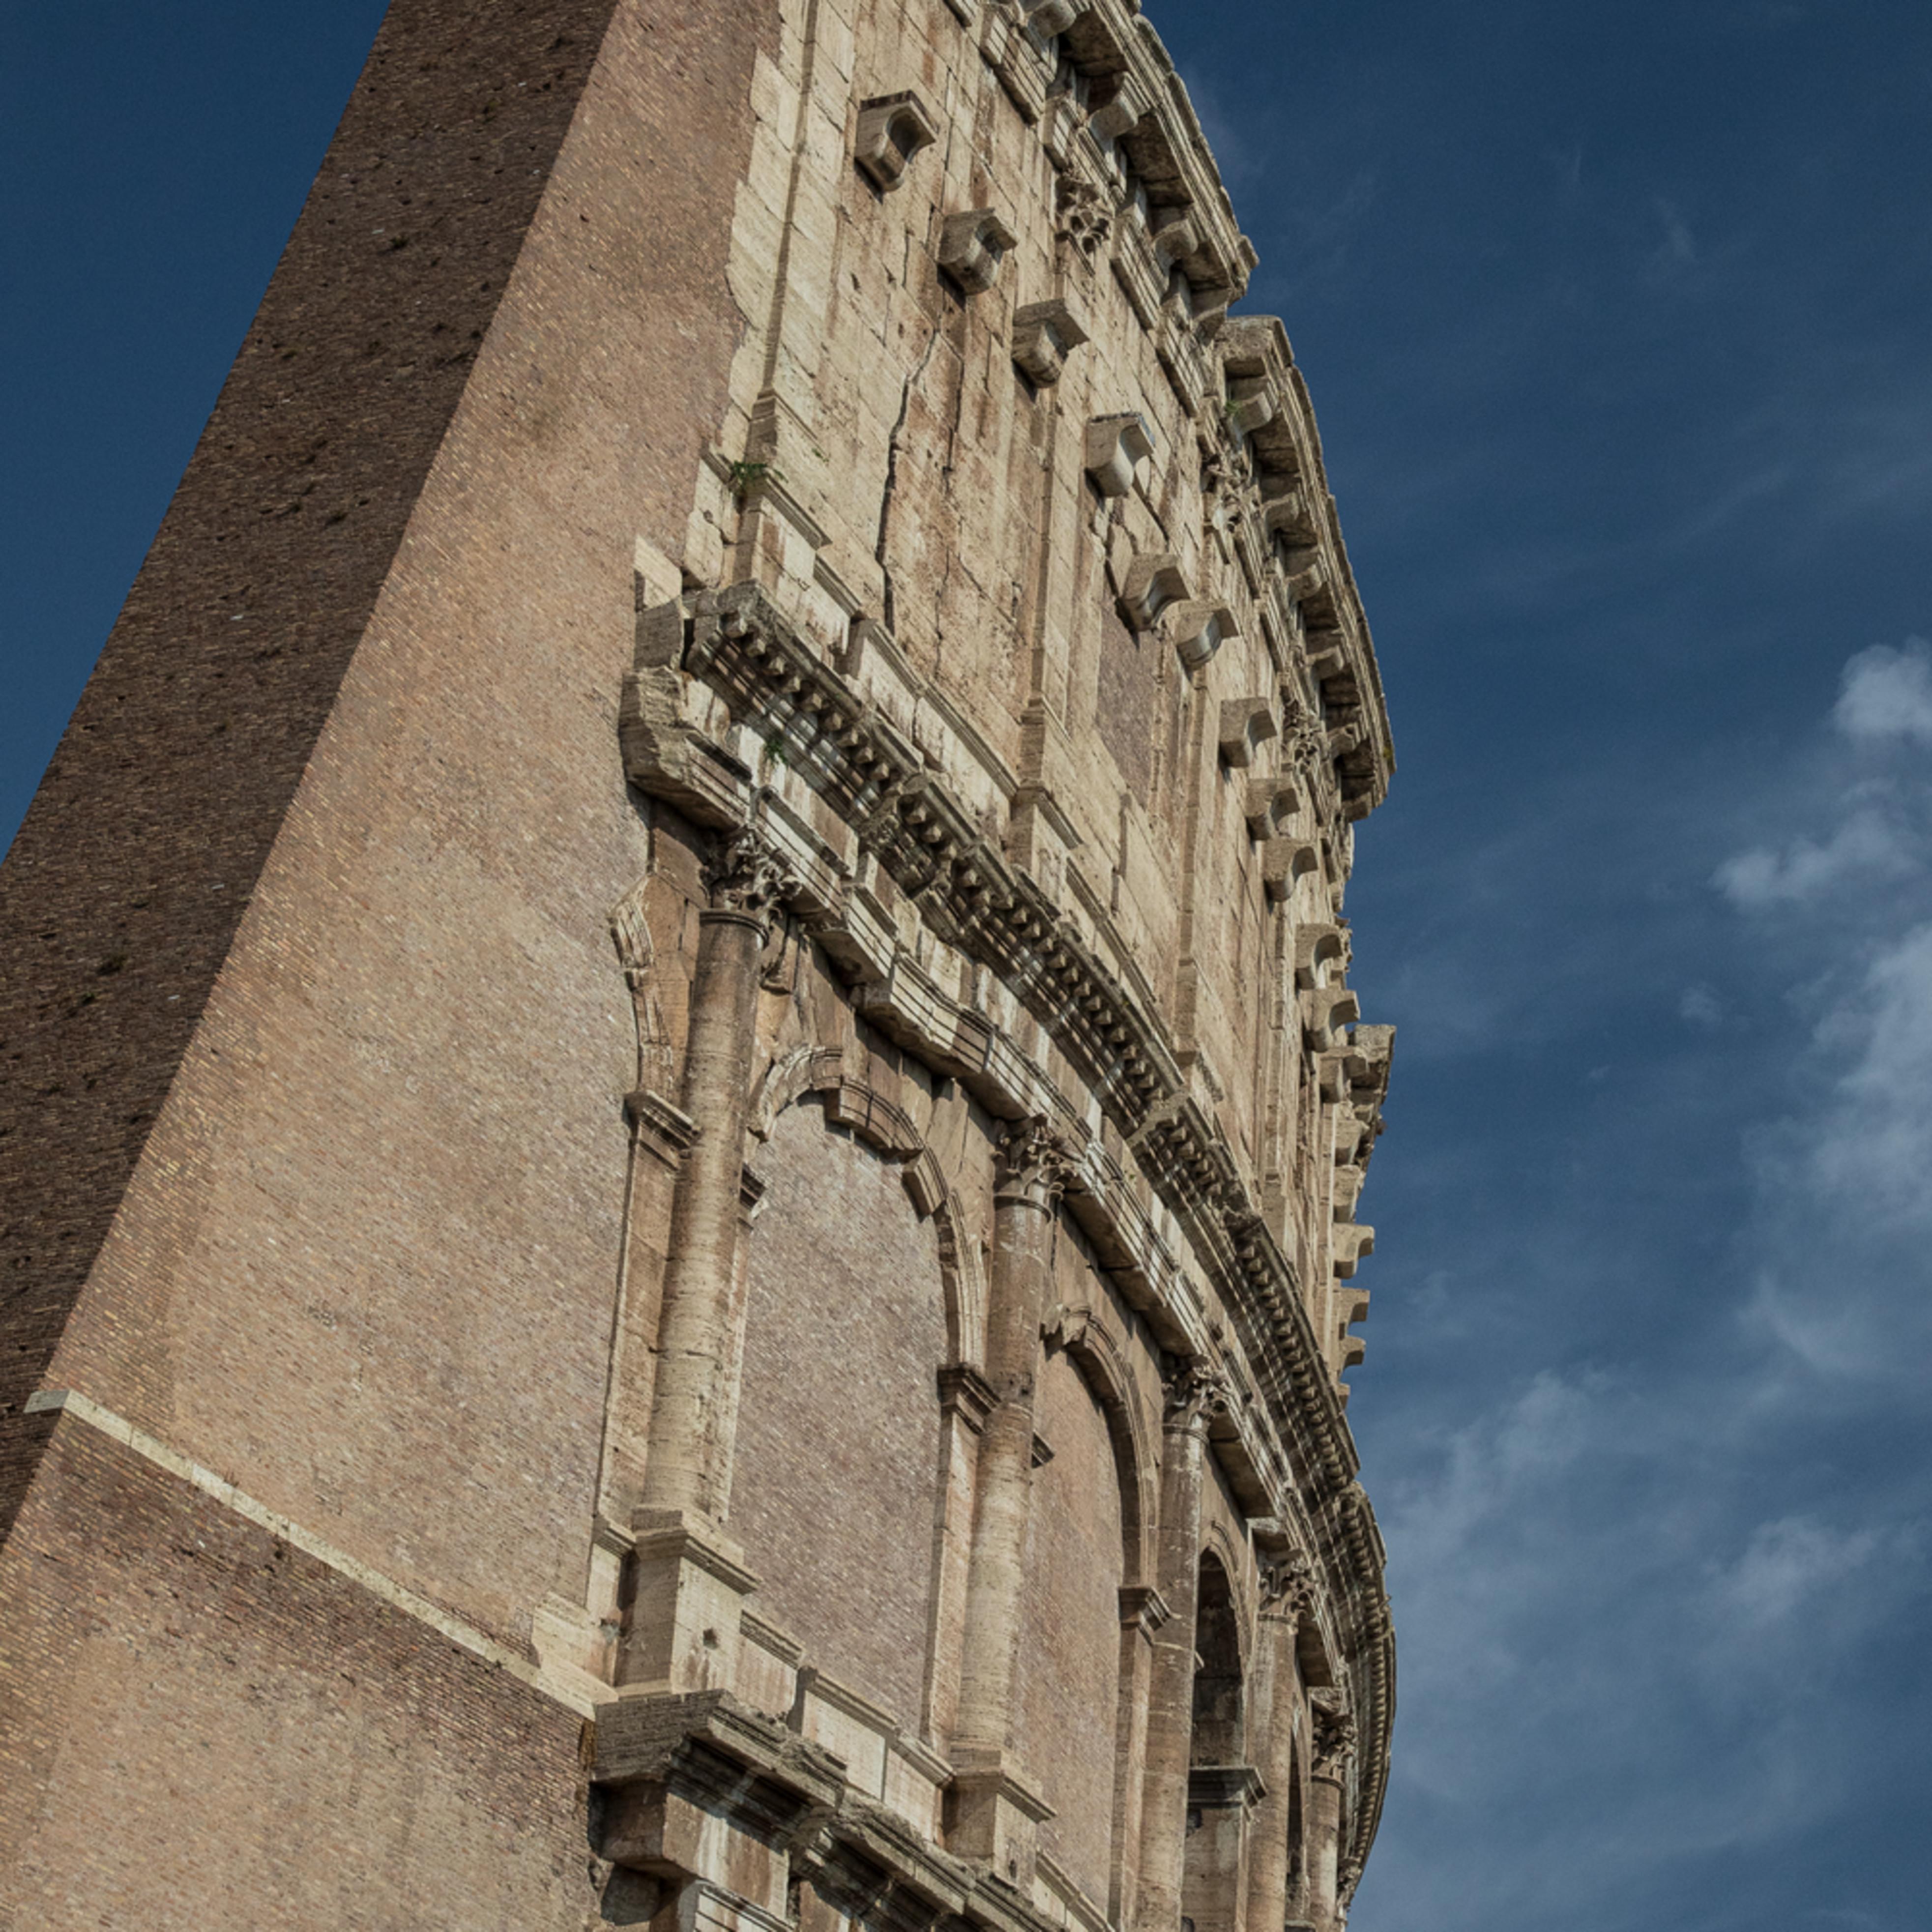 Rome coliseum 2 nryjoc